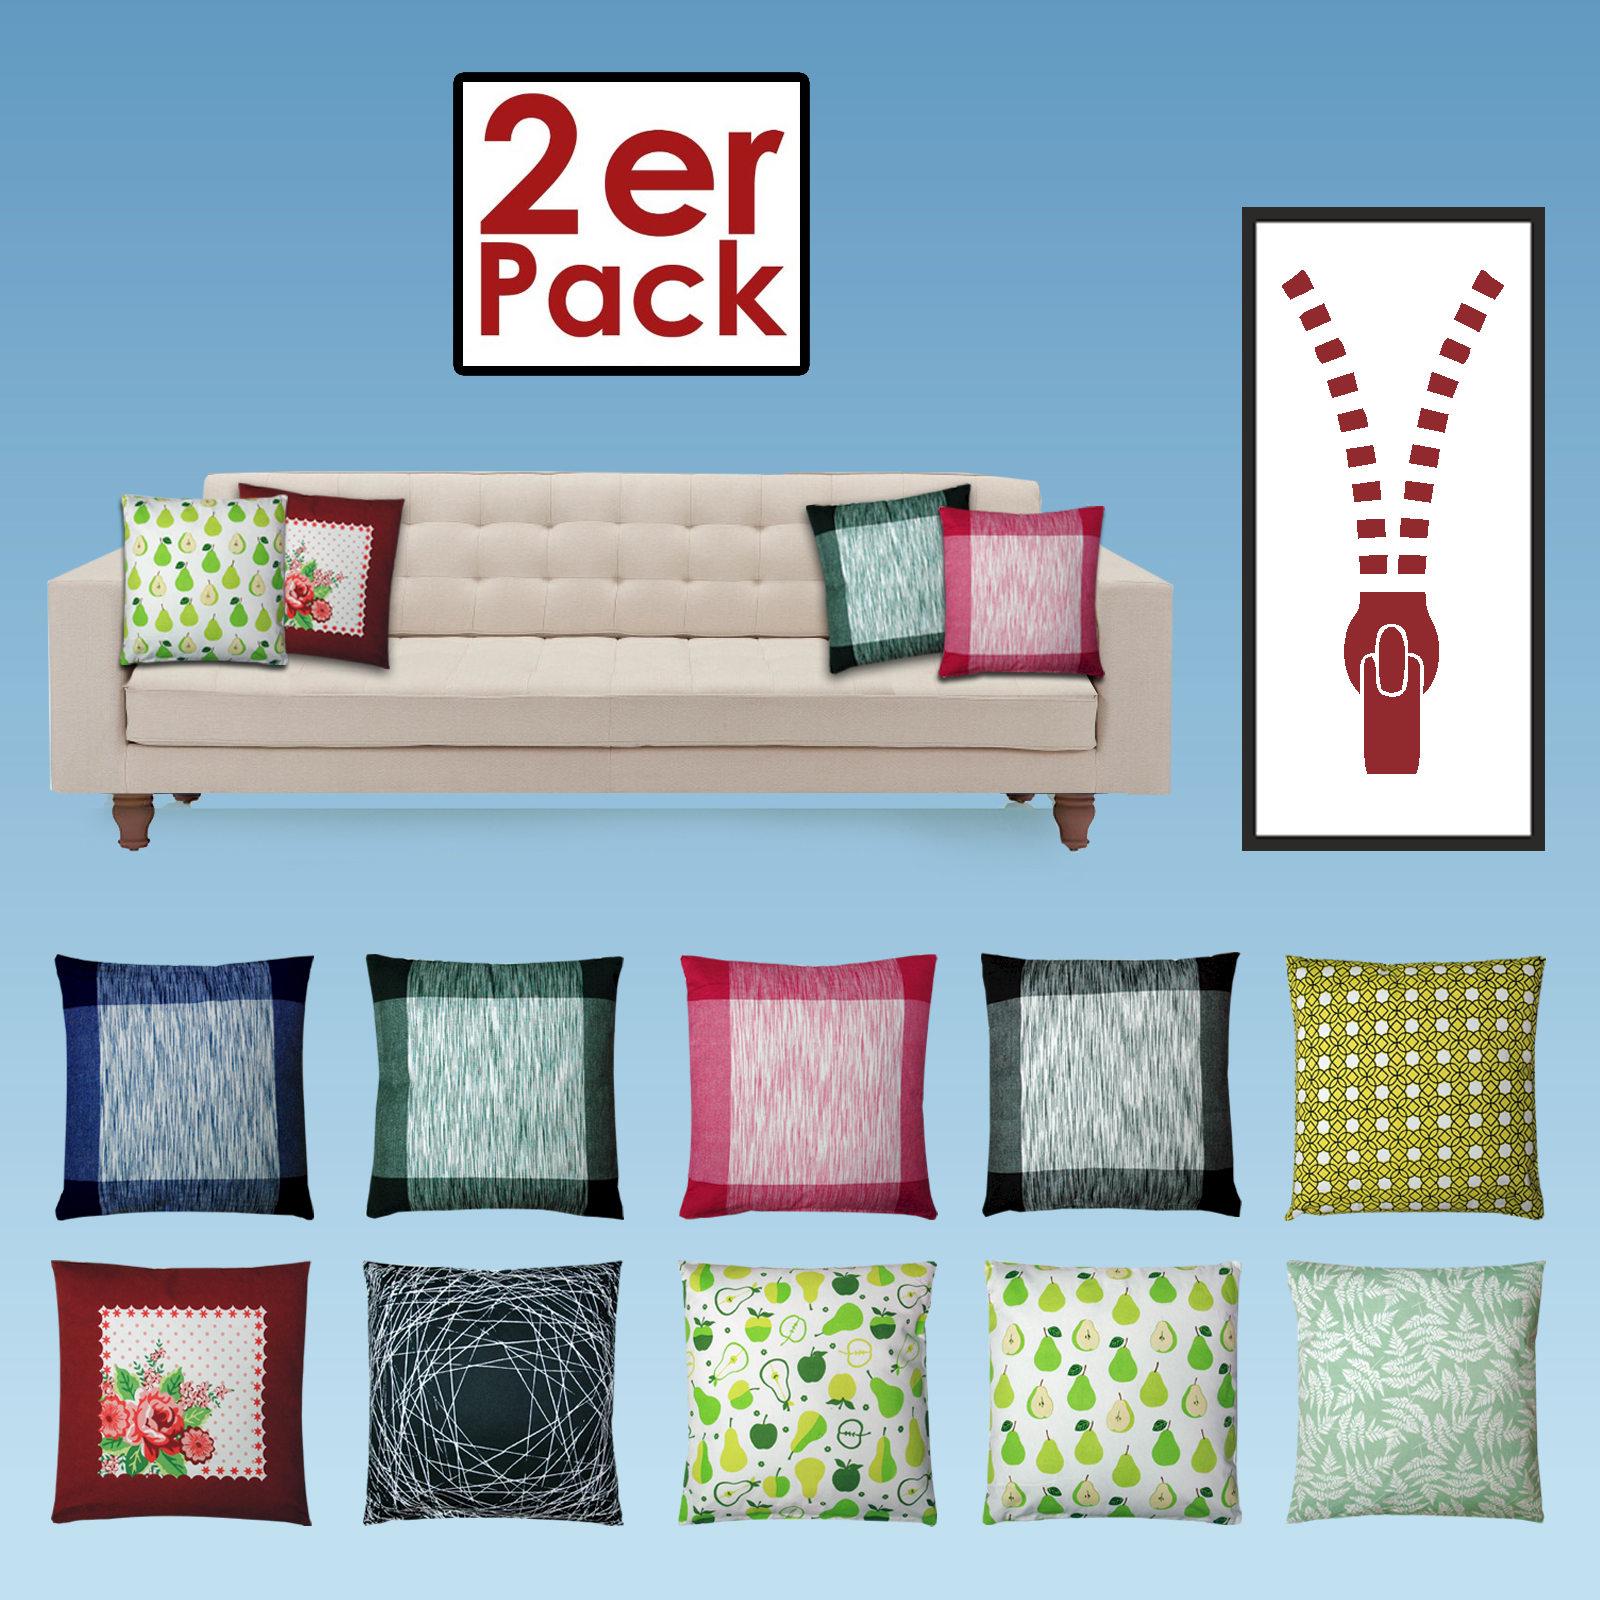 lot de 2 oreiller coussin canap 45x45cm 100 coton avec la farce diff rente ebay. Black Bedroom Furniture Sets. Home Design Ideas